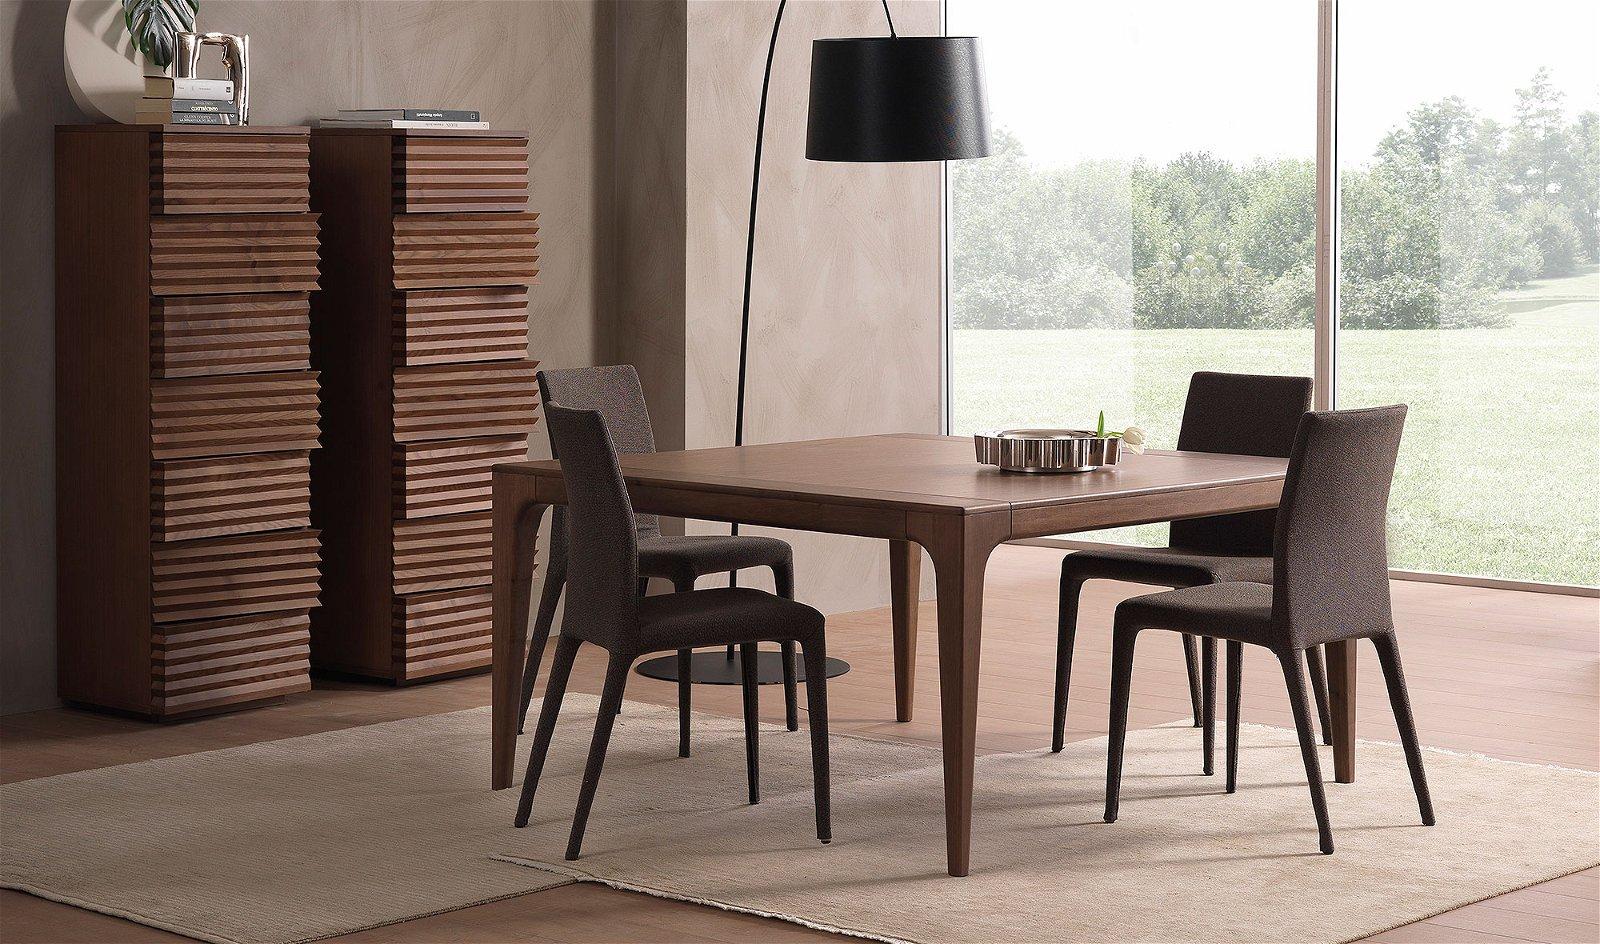 Mesa de comedor fashion Pacini & Cappellini